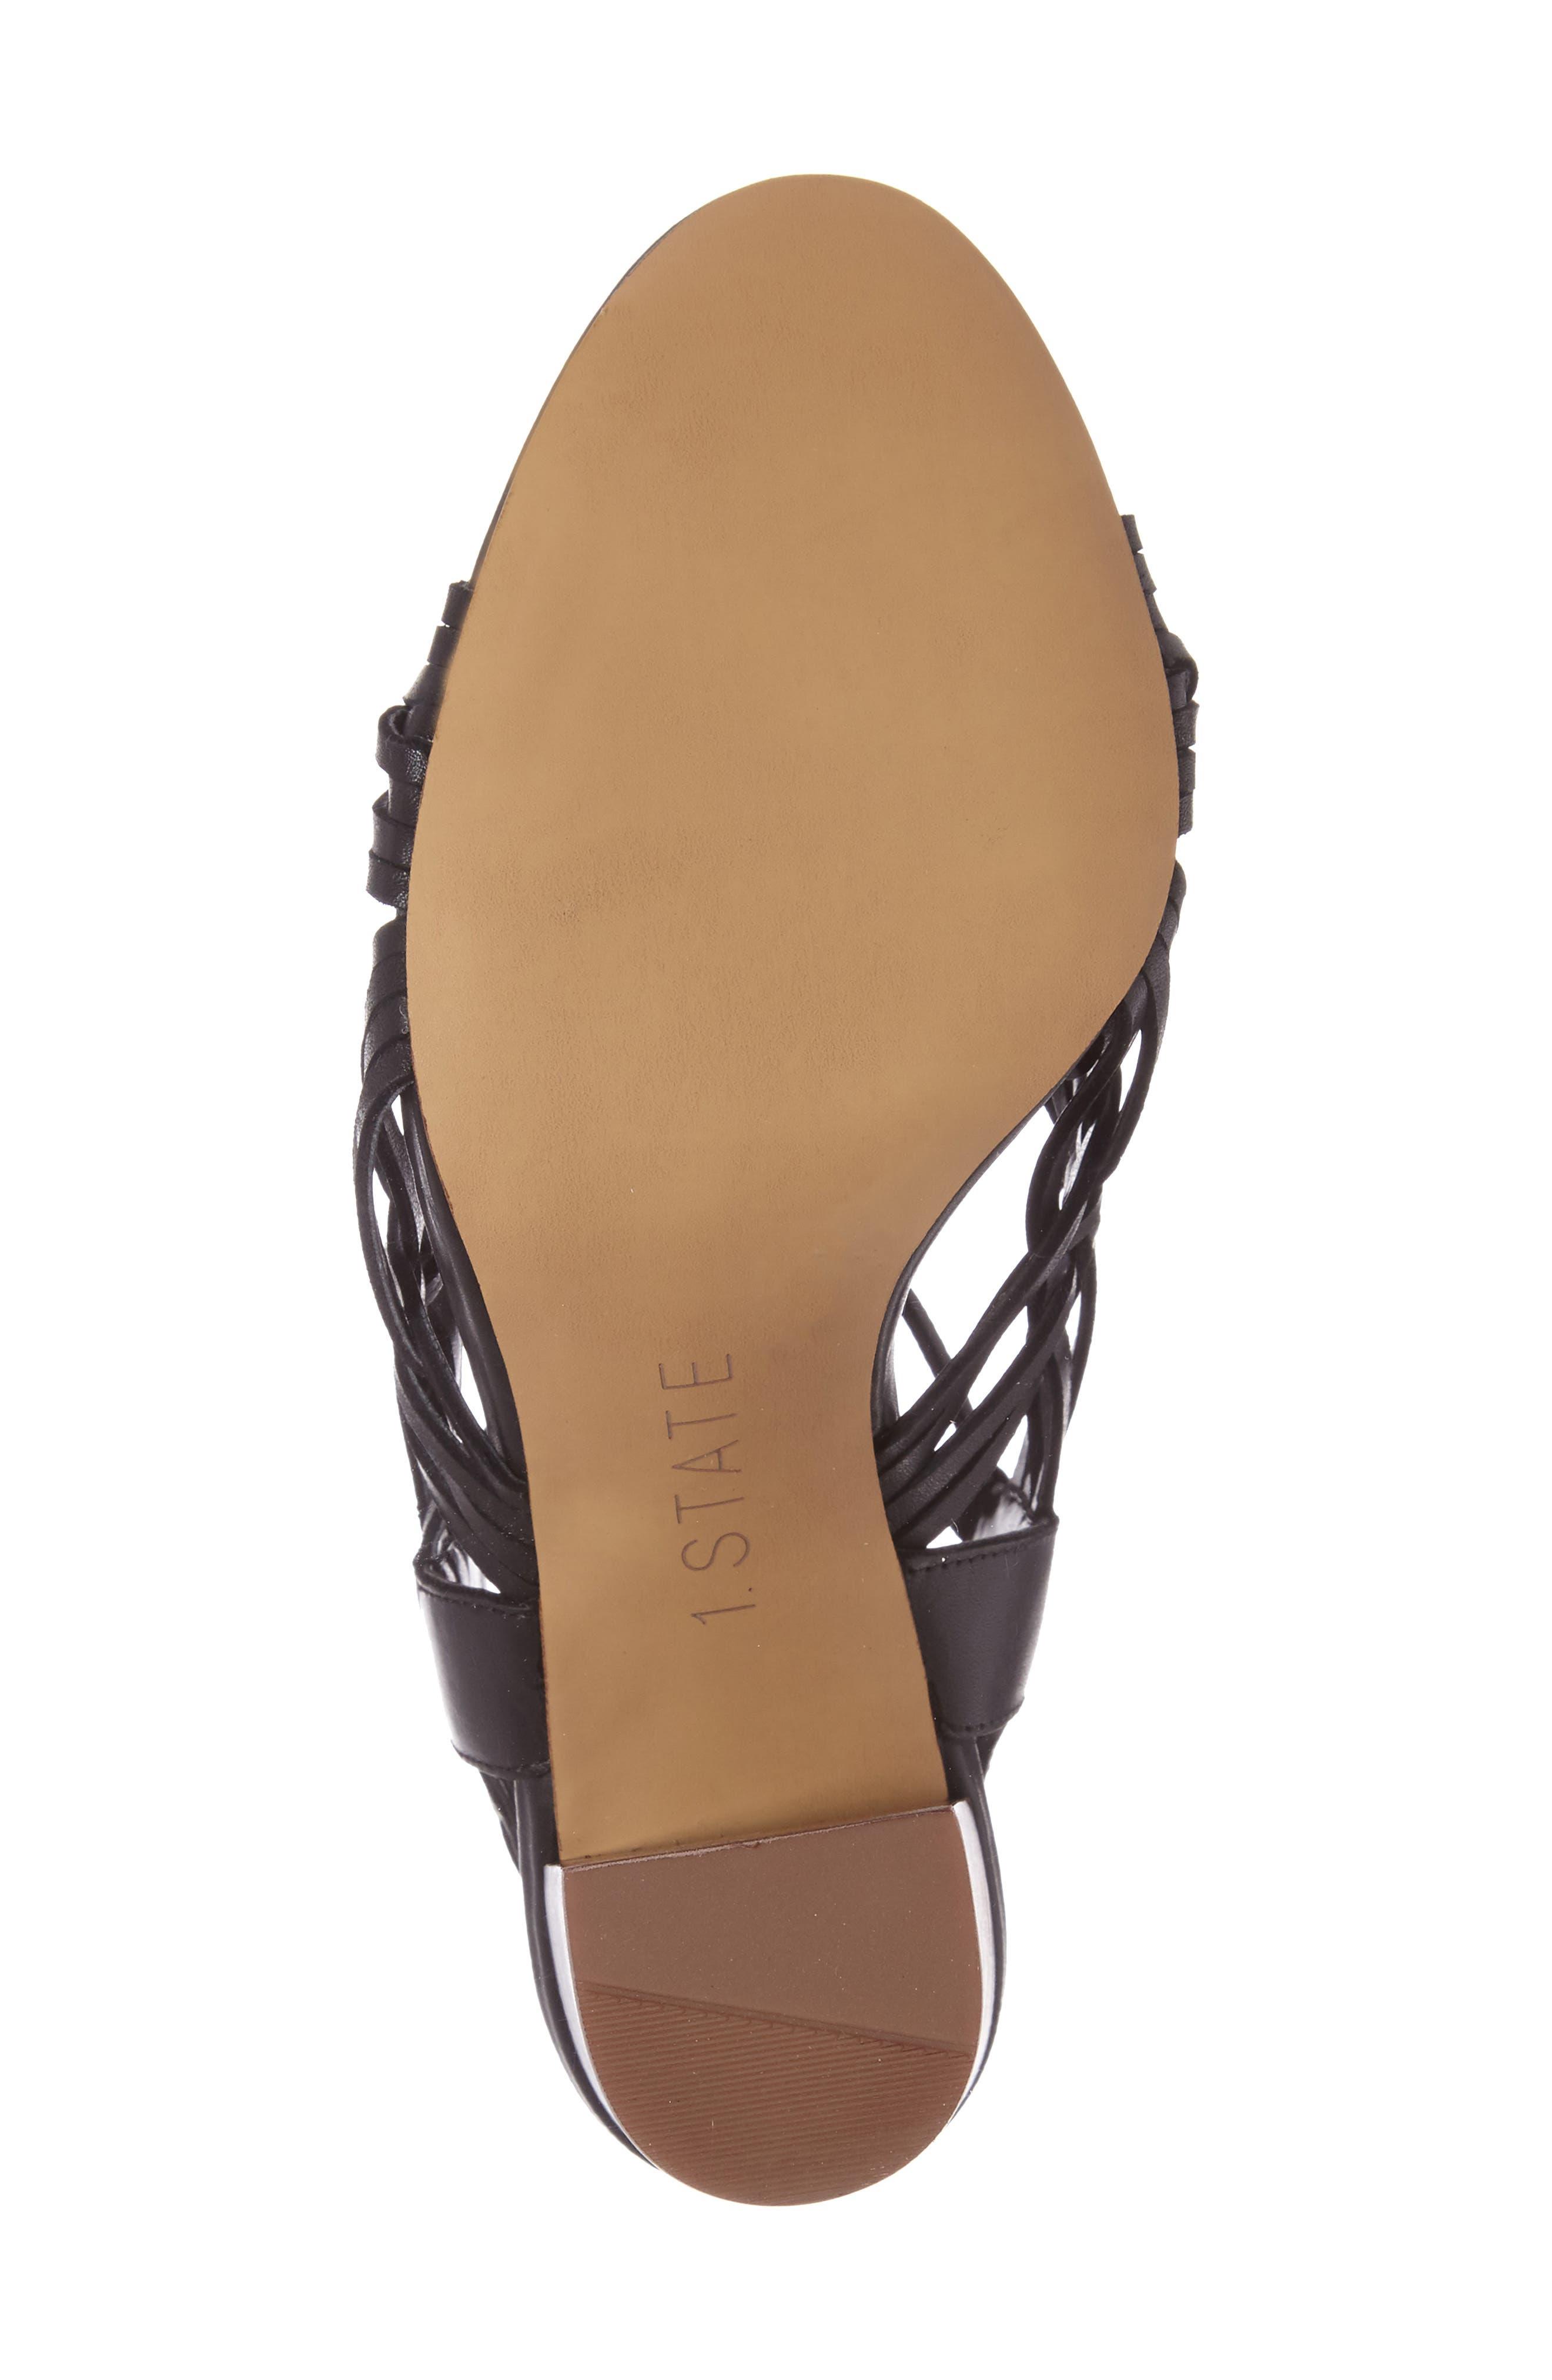 Shannen Block Heel Sandal,                             Alternate thumbnail 4, color,                             001